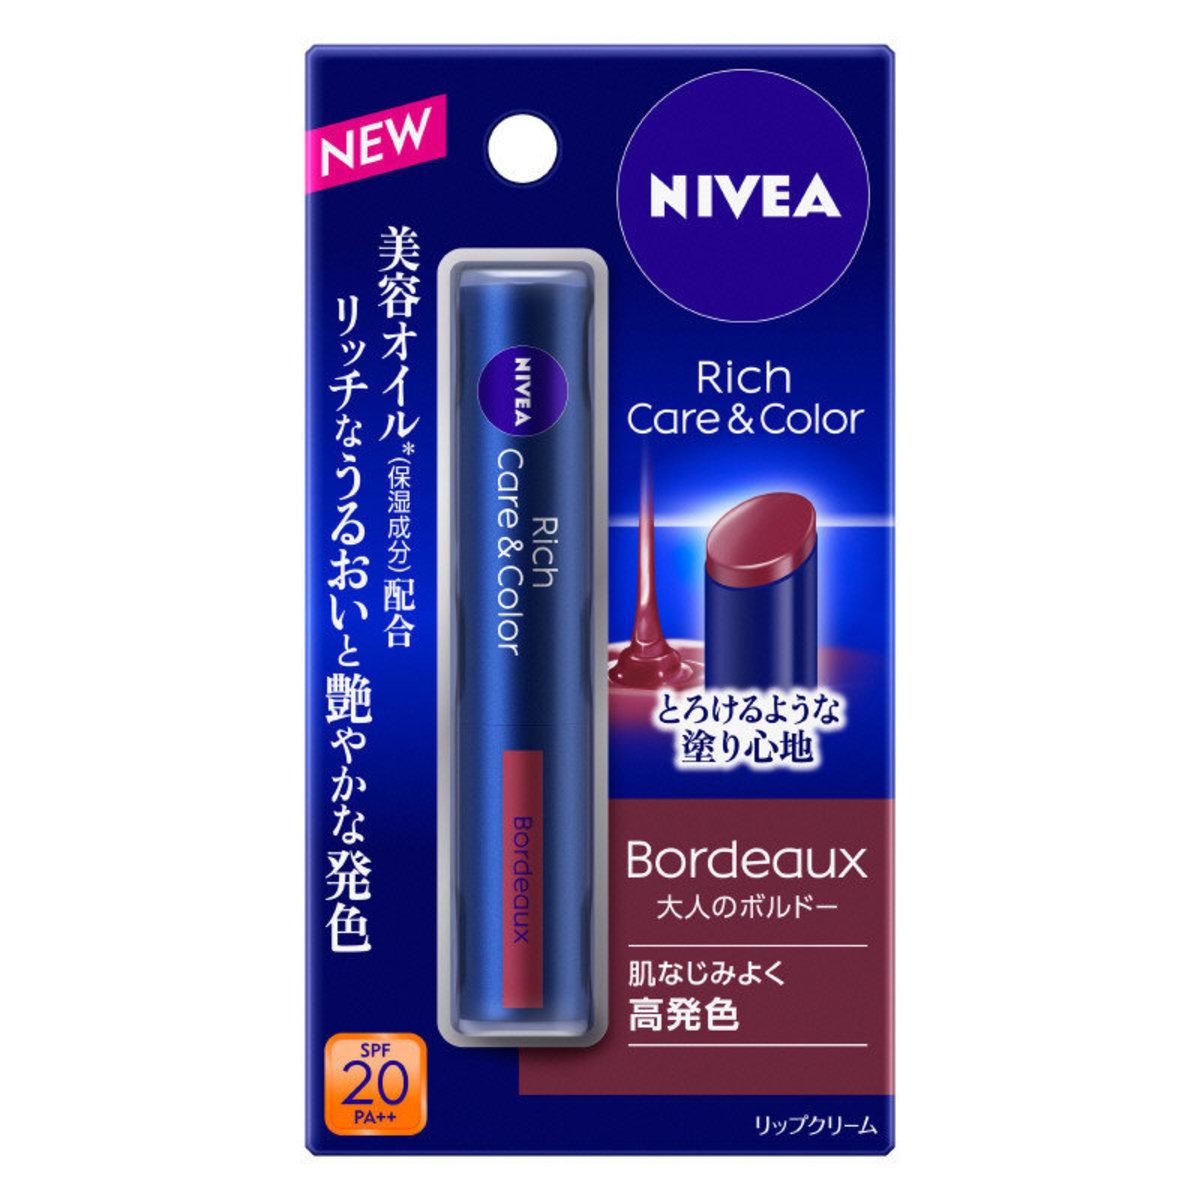 NIVEA  Rich Care & Color 妮維雅 豐盈水潤顯色潤唇膏 (Brdeaux) SPF20 PA++ 2g 啡色